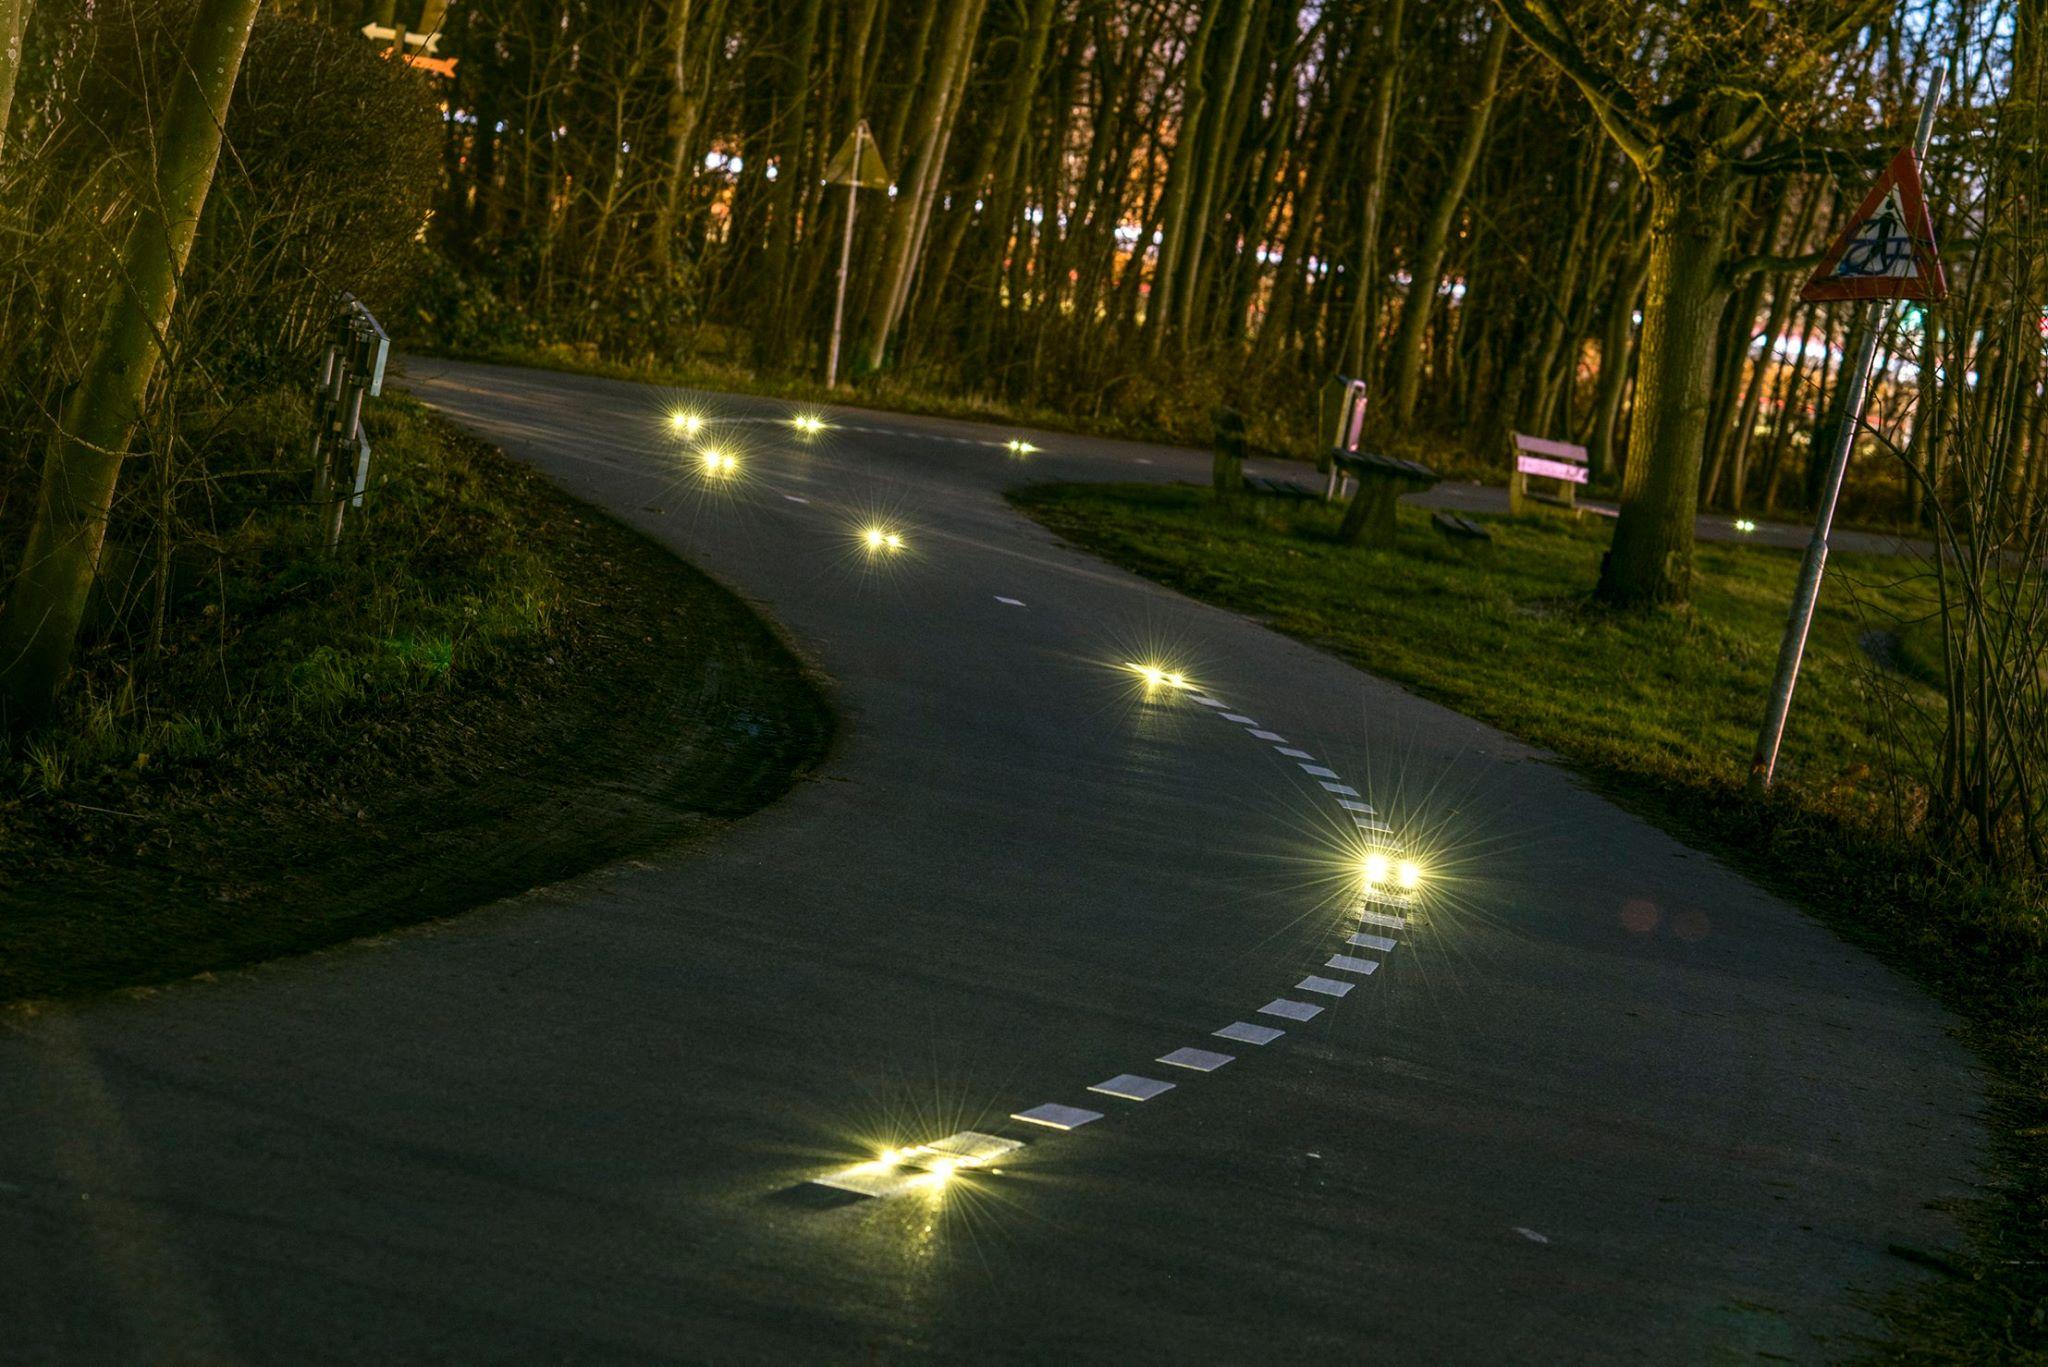 Duurzame verlichting voor fietspad Cronesteyn - Sleutelstad.nl